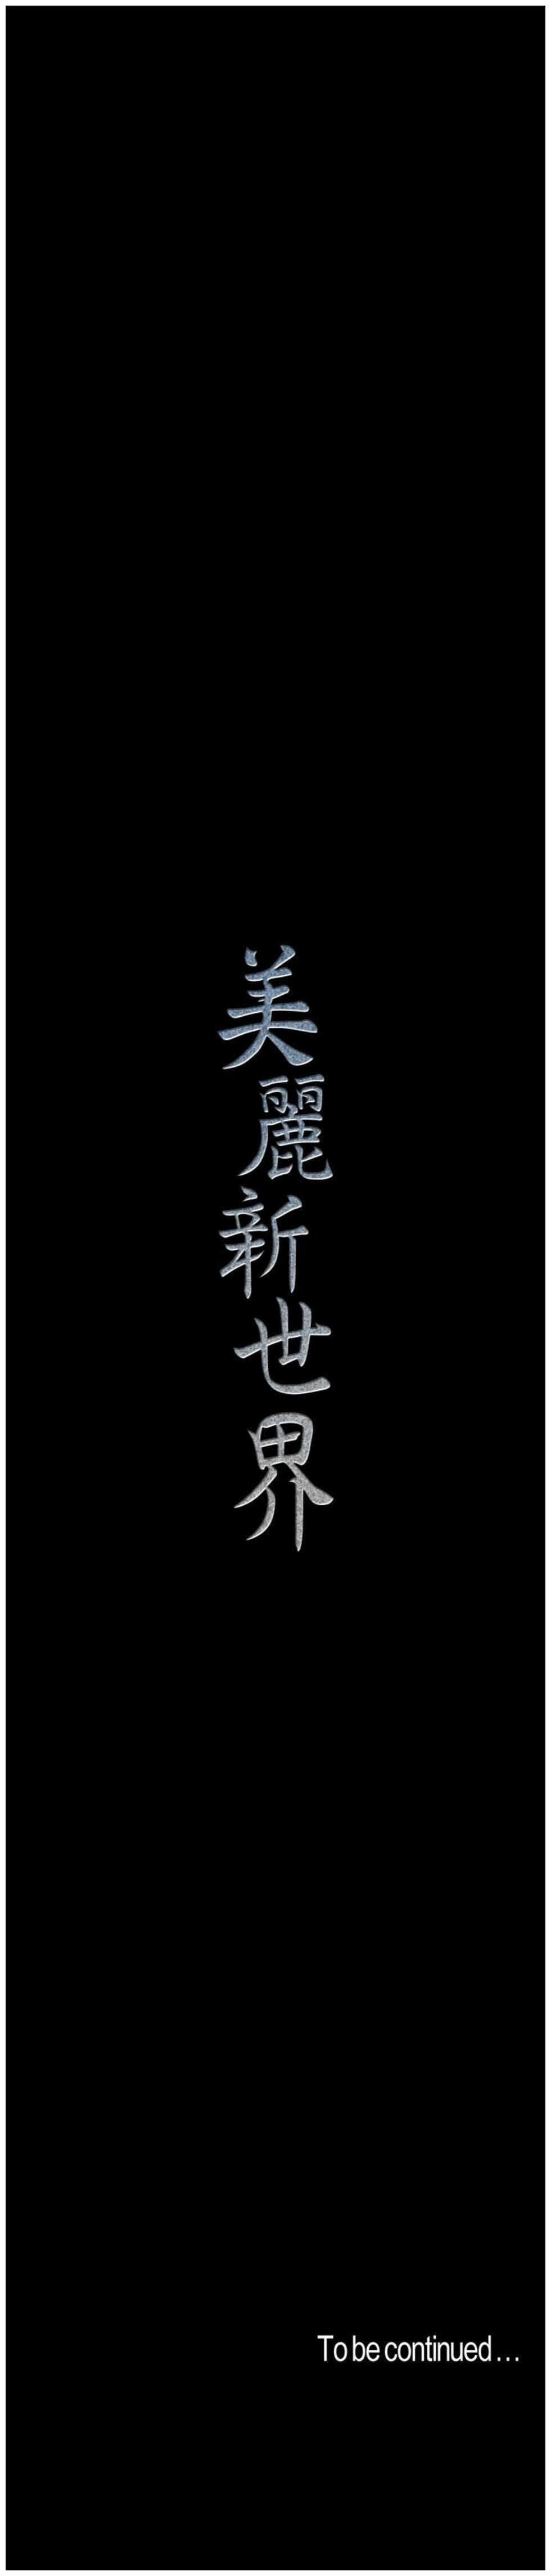 美麗新世界 1-85 官方中文(連載中) 680